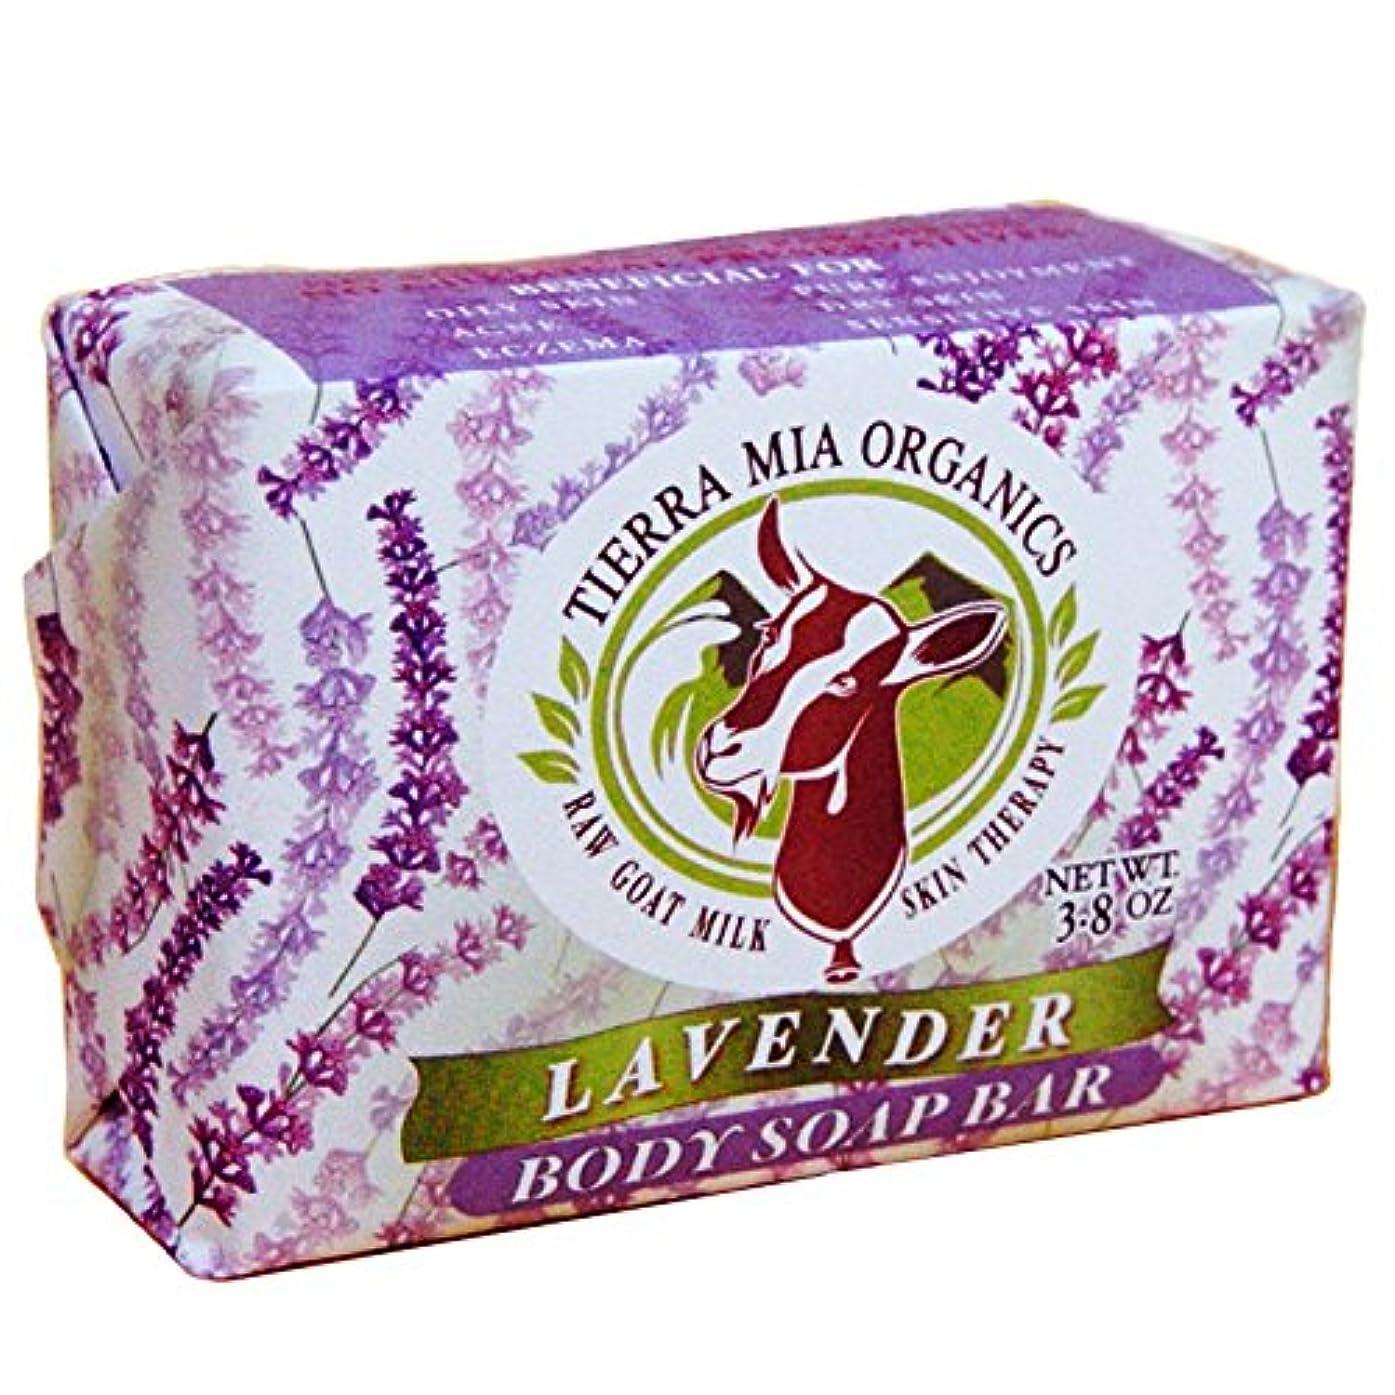 整然とした基準ゲートTierra Mia Organics, Raw Goat Milk Skin Therapy, Body Soap Bar, Lavender, 4.2 oz